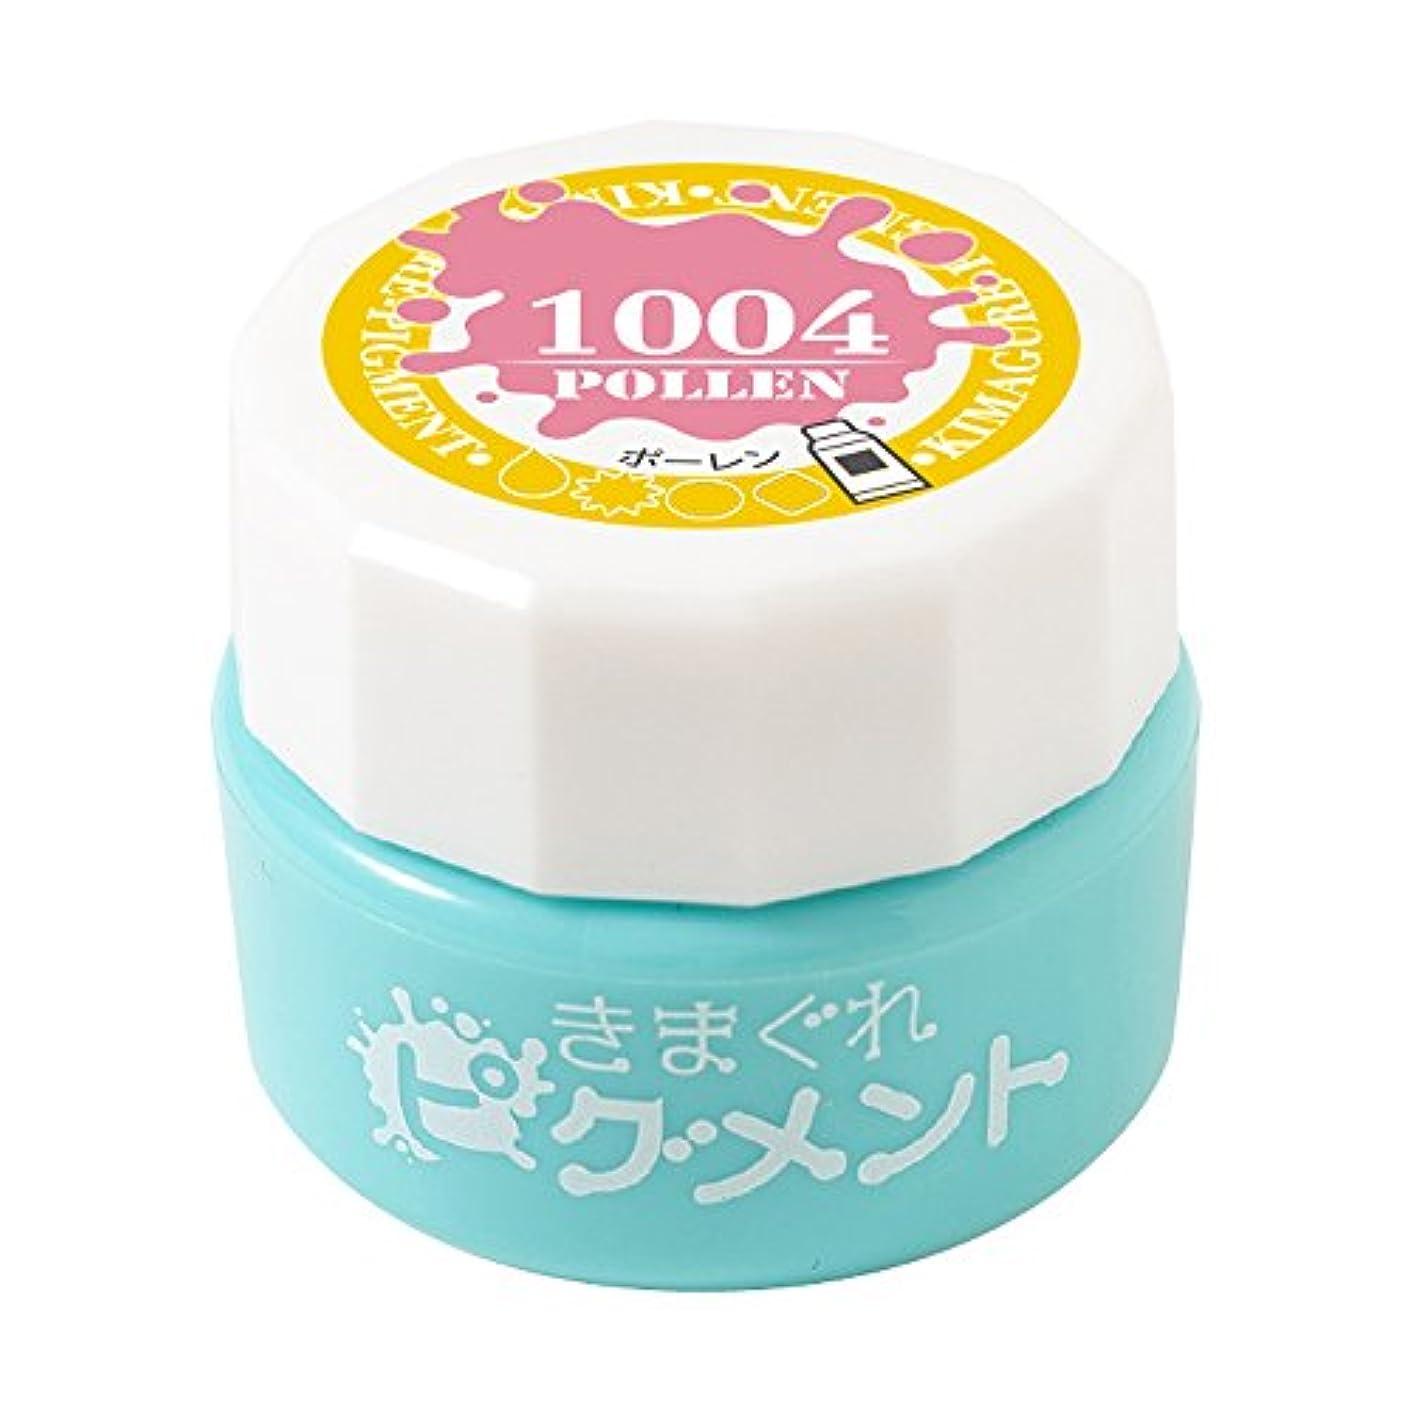 Bettygel きまぐれピグメント ポーレン QYJ-1004 4g UV/LED対応